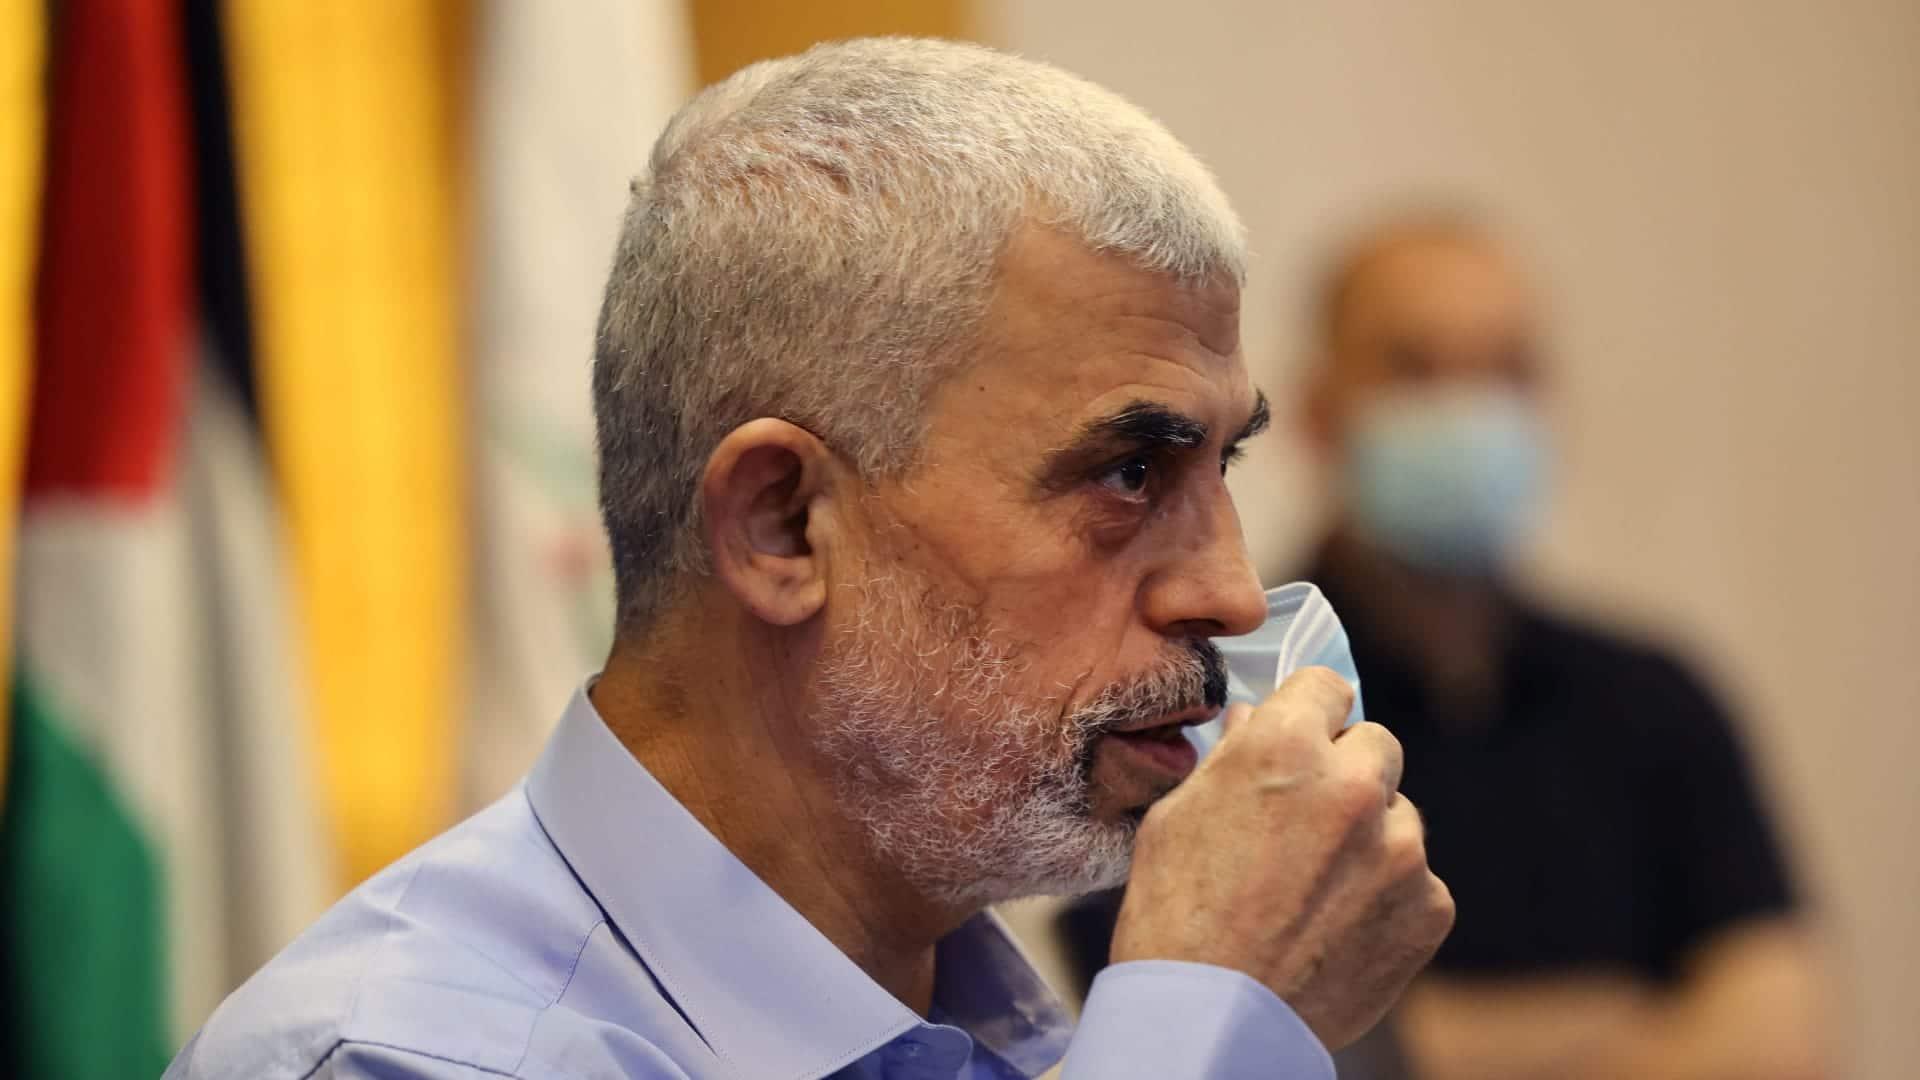 هل تخطط مصر لإعادة السيطرة على قطاع غزة ومنع حماس من إطلاق الصواريخ.. تقرير إسرائيلي يكشف التفاصيل